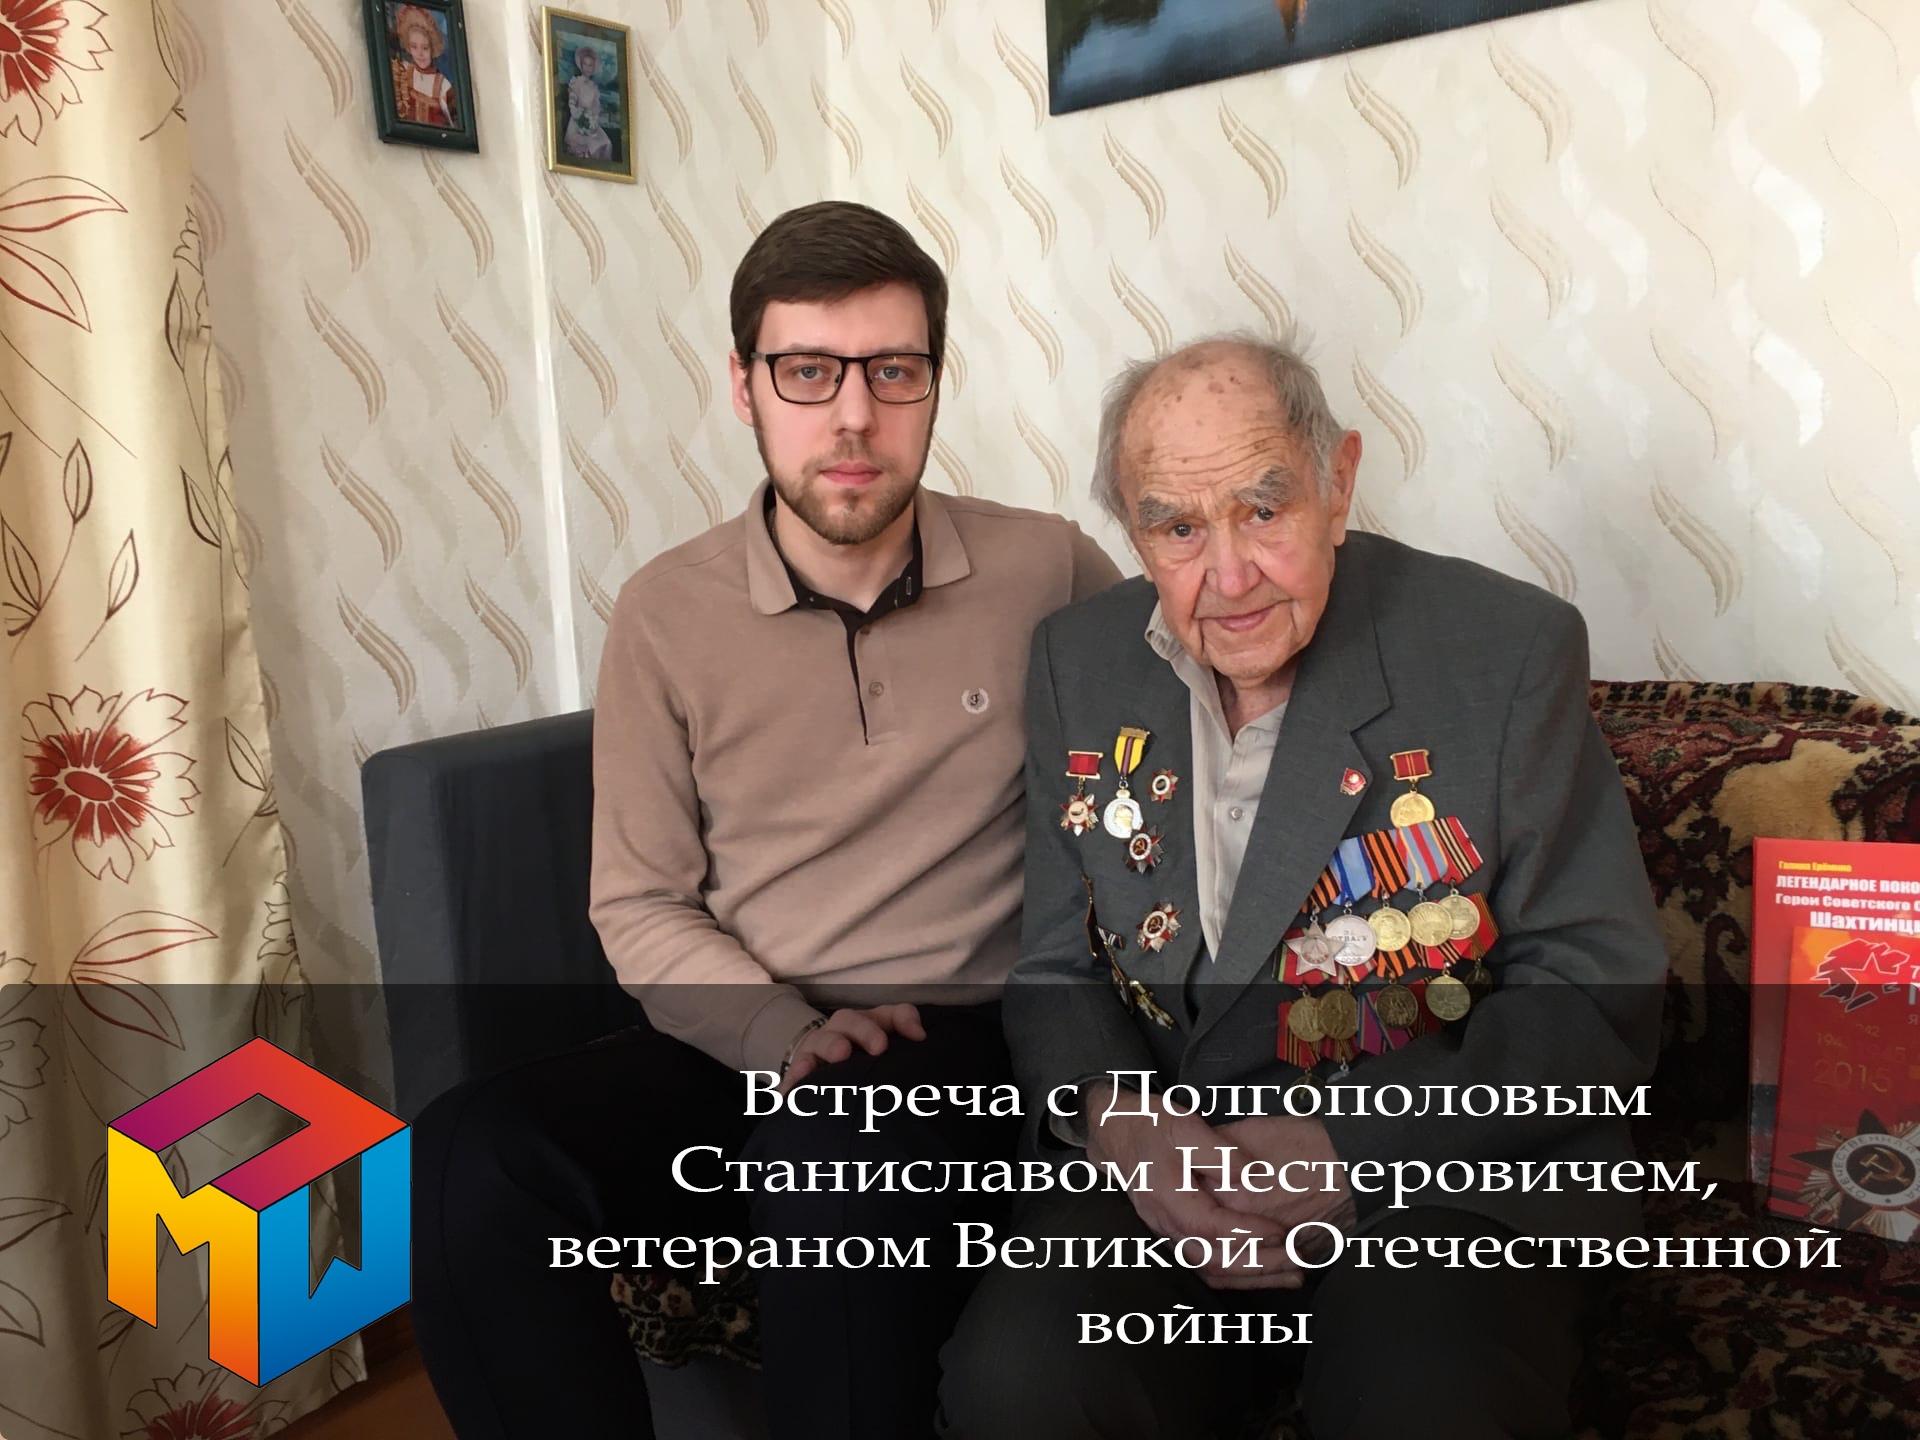 Встреча с Долгополовым Станиславом Нестеровичем